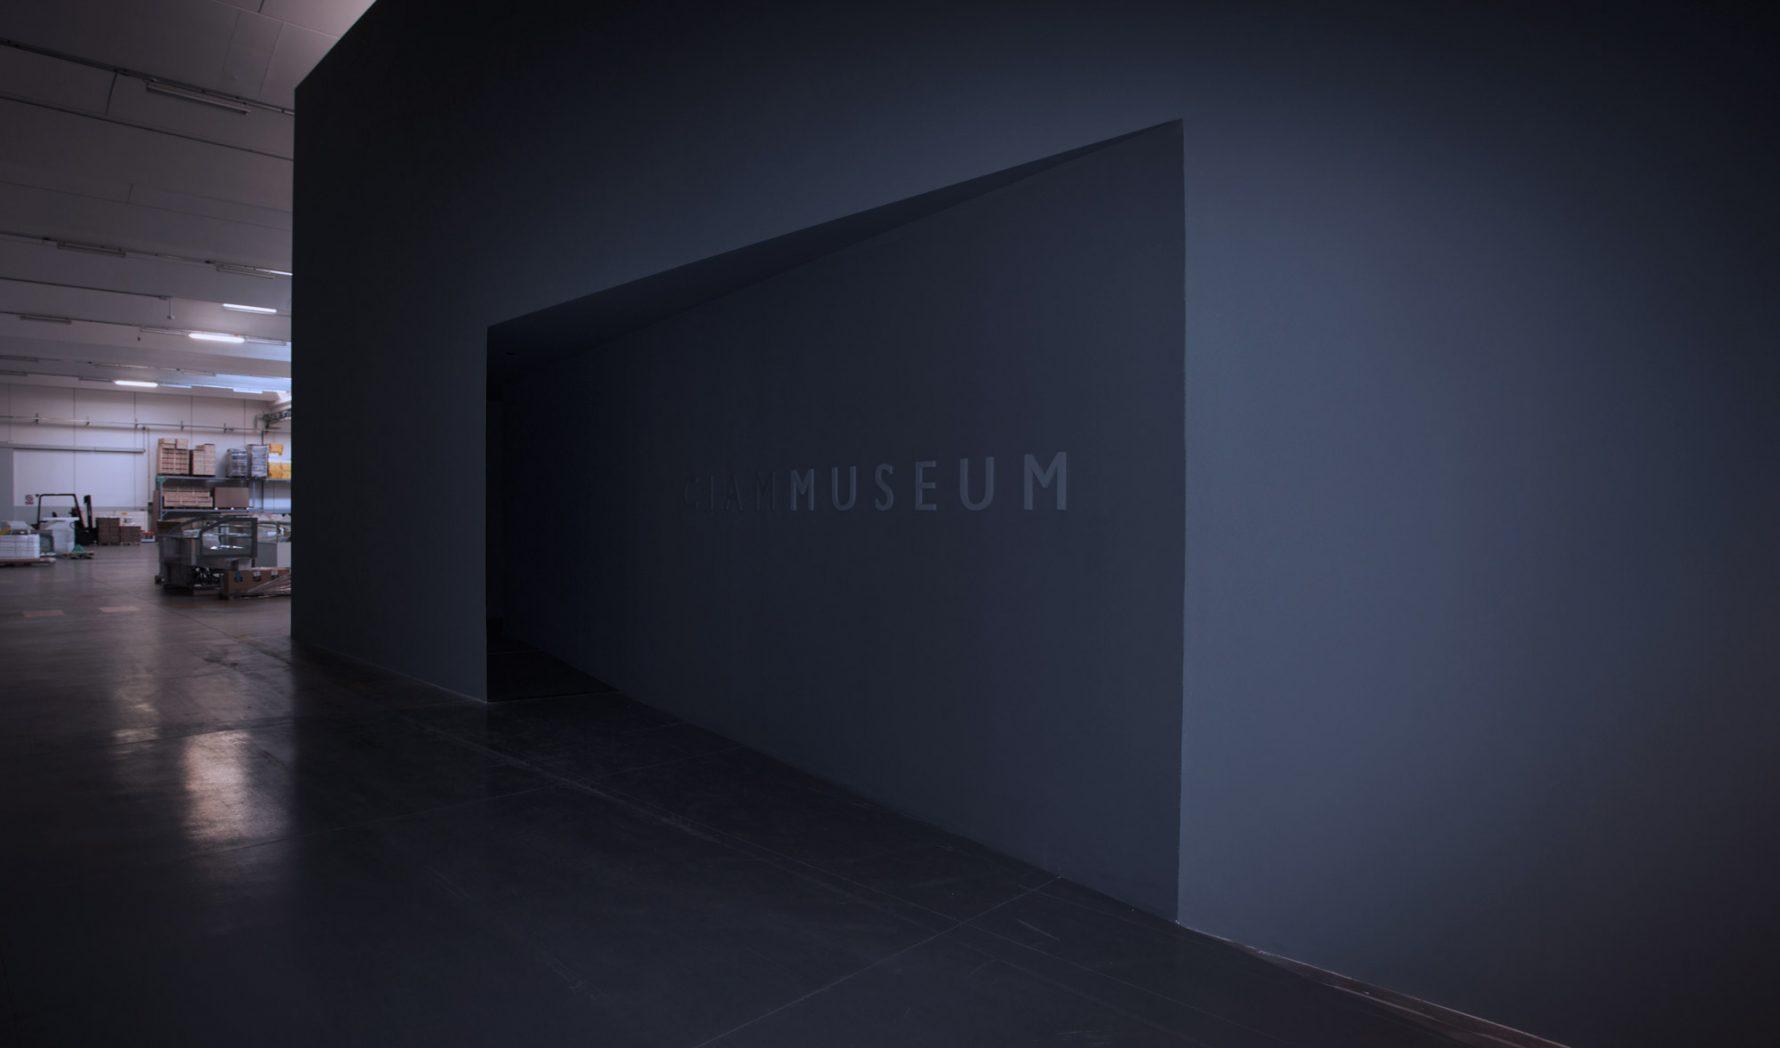 Ciam Museum